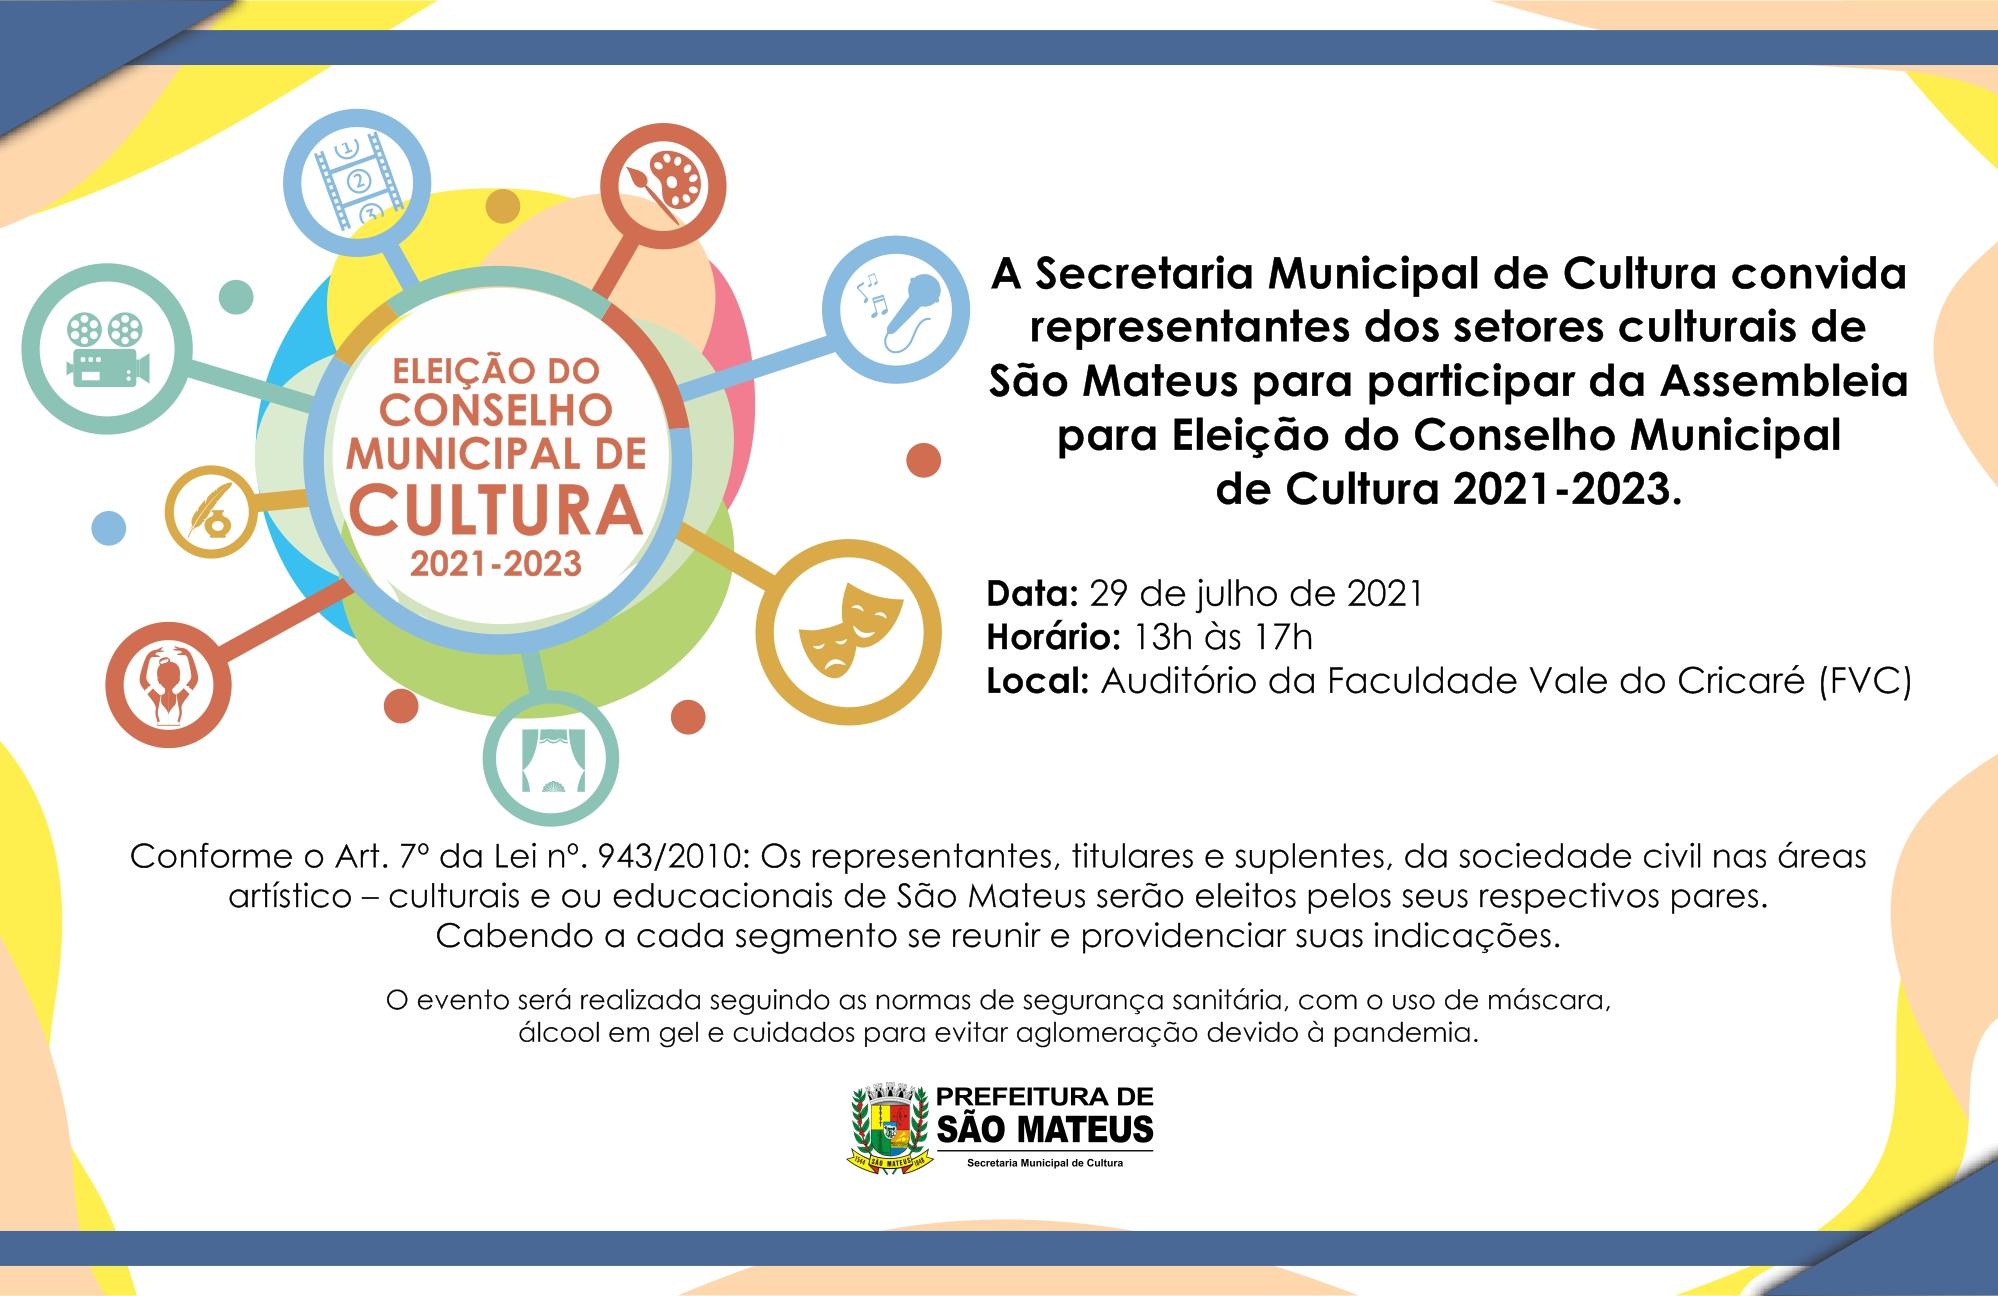 CONSELHO DE CULTURA DE SÃO MATEUS REALIZARÁ ELEIÇÃO PARA ESCOLHA DE SEUS MEMBROS